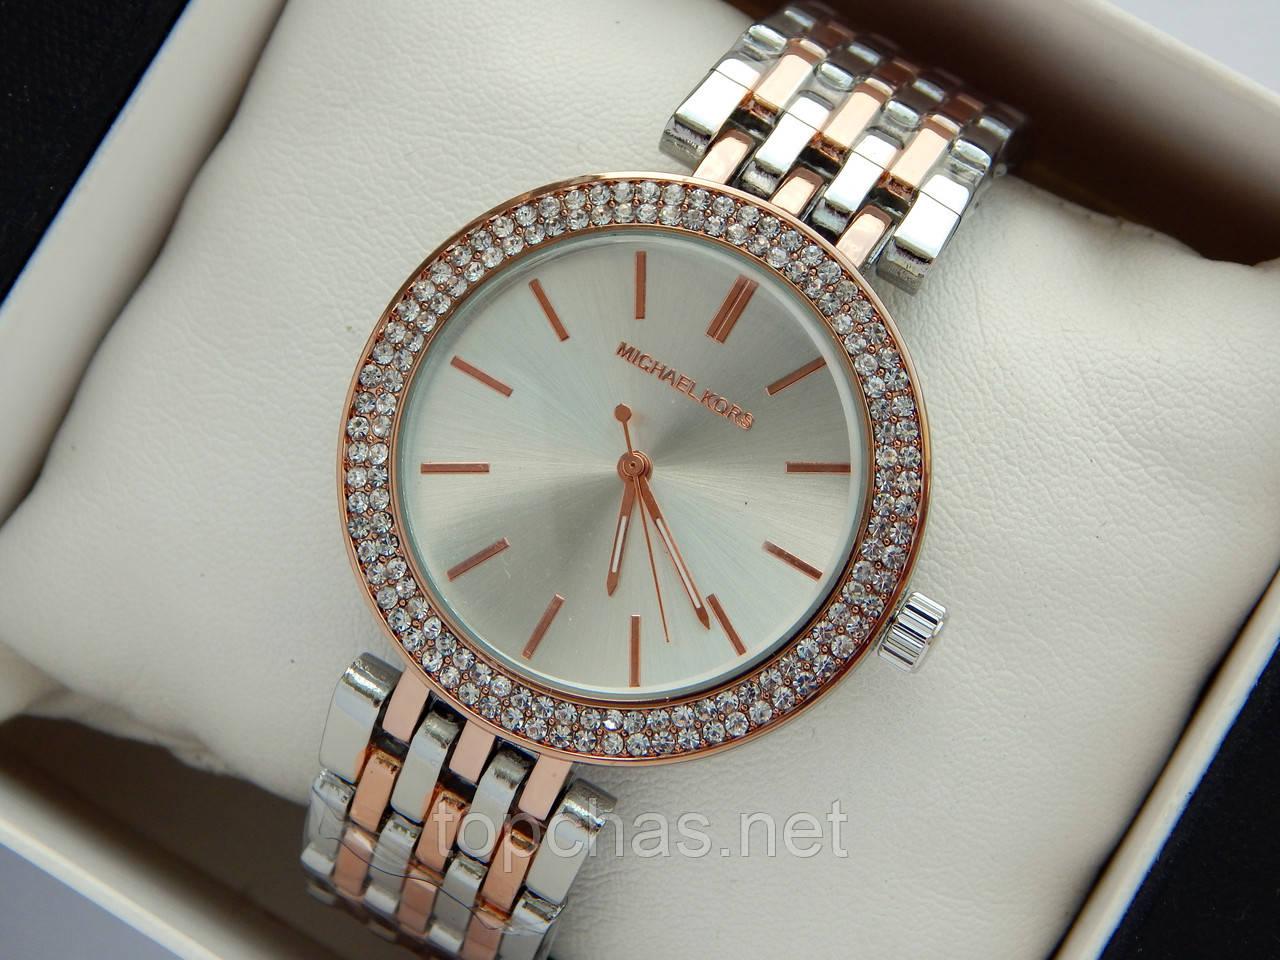 2d749dd39a61 Женские наручные часы Michael Kors серебро-розовое золото с двумя рядами  страз